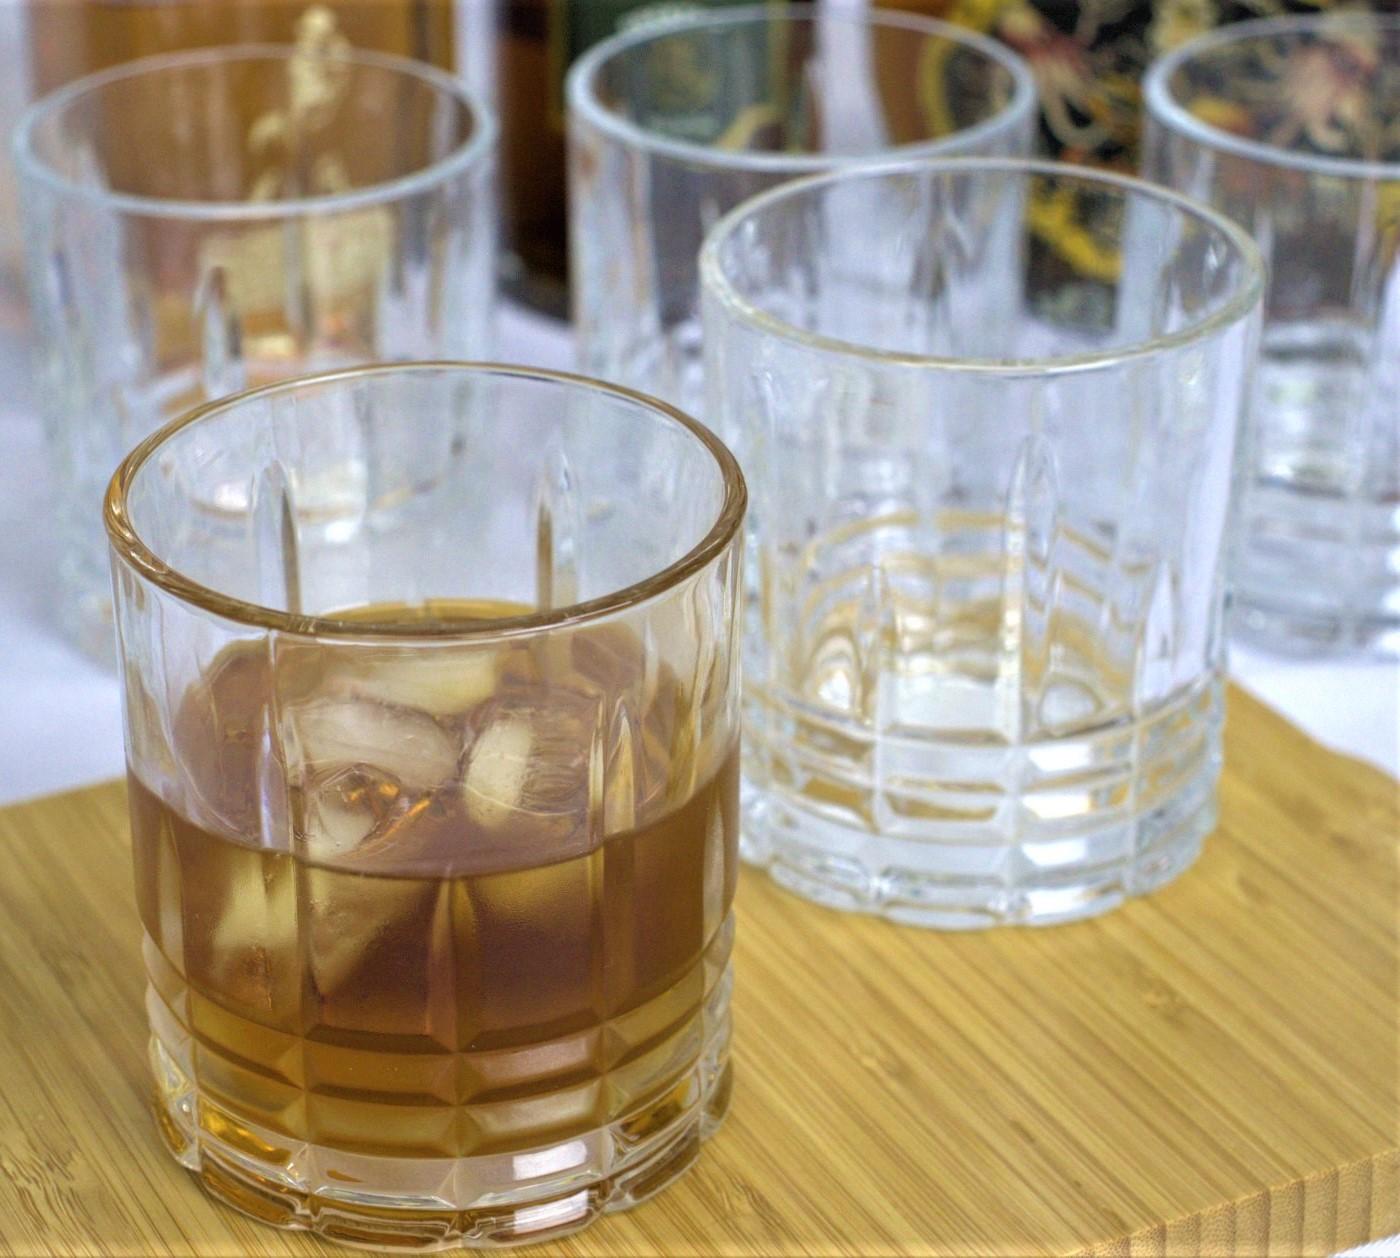 Copos de whisky caipirinha 6 unidades vidro luxo 315mL copo para uisque bebidas